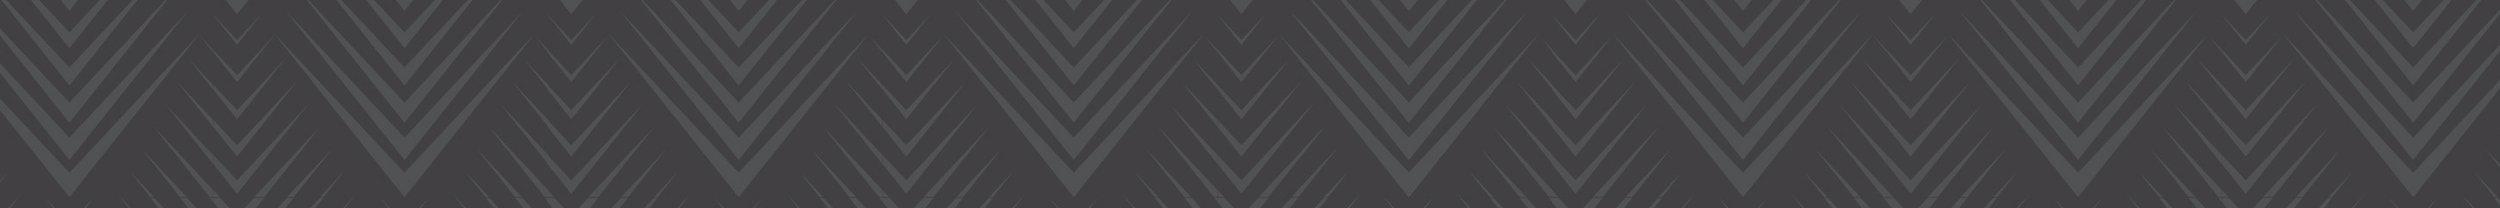 CYW-TextureSilver-Stripe.jpg